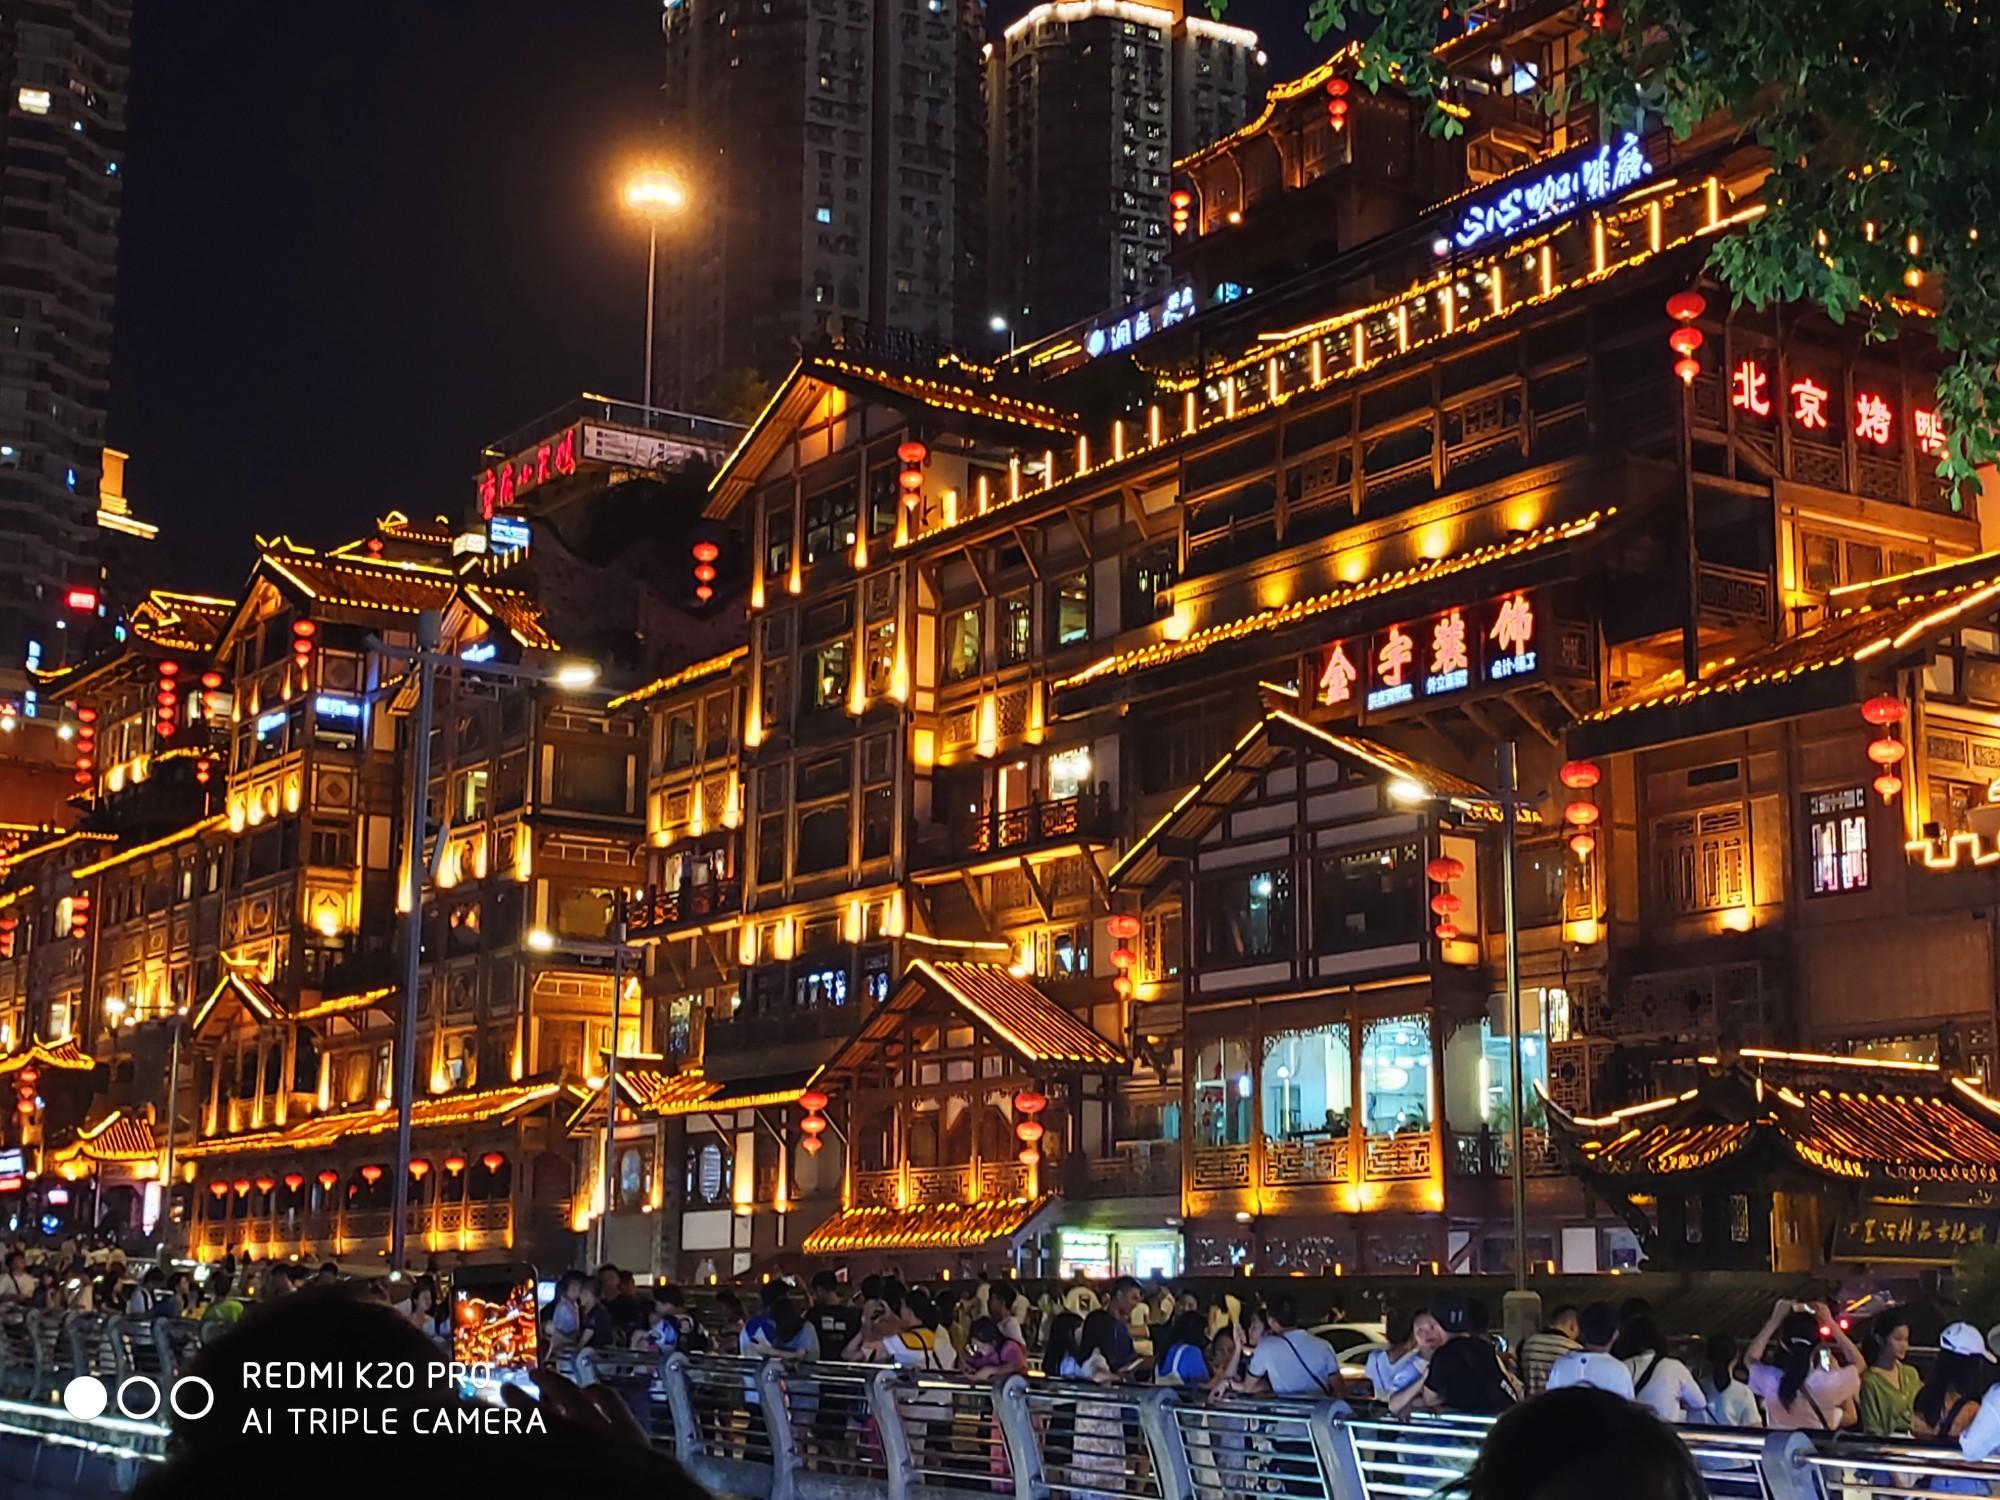 山城重庆,很有立体感的城市